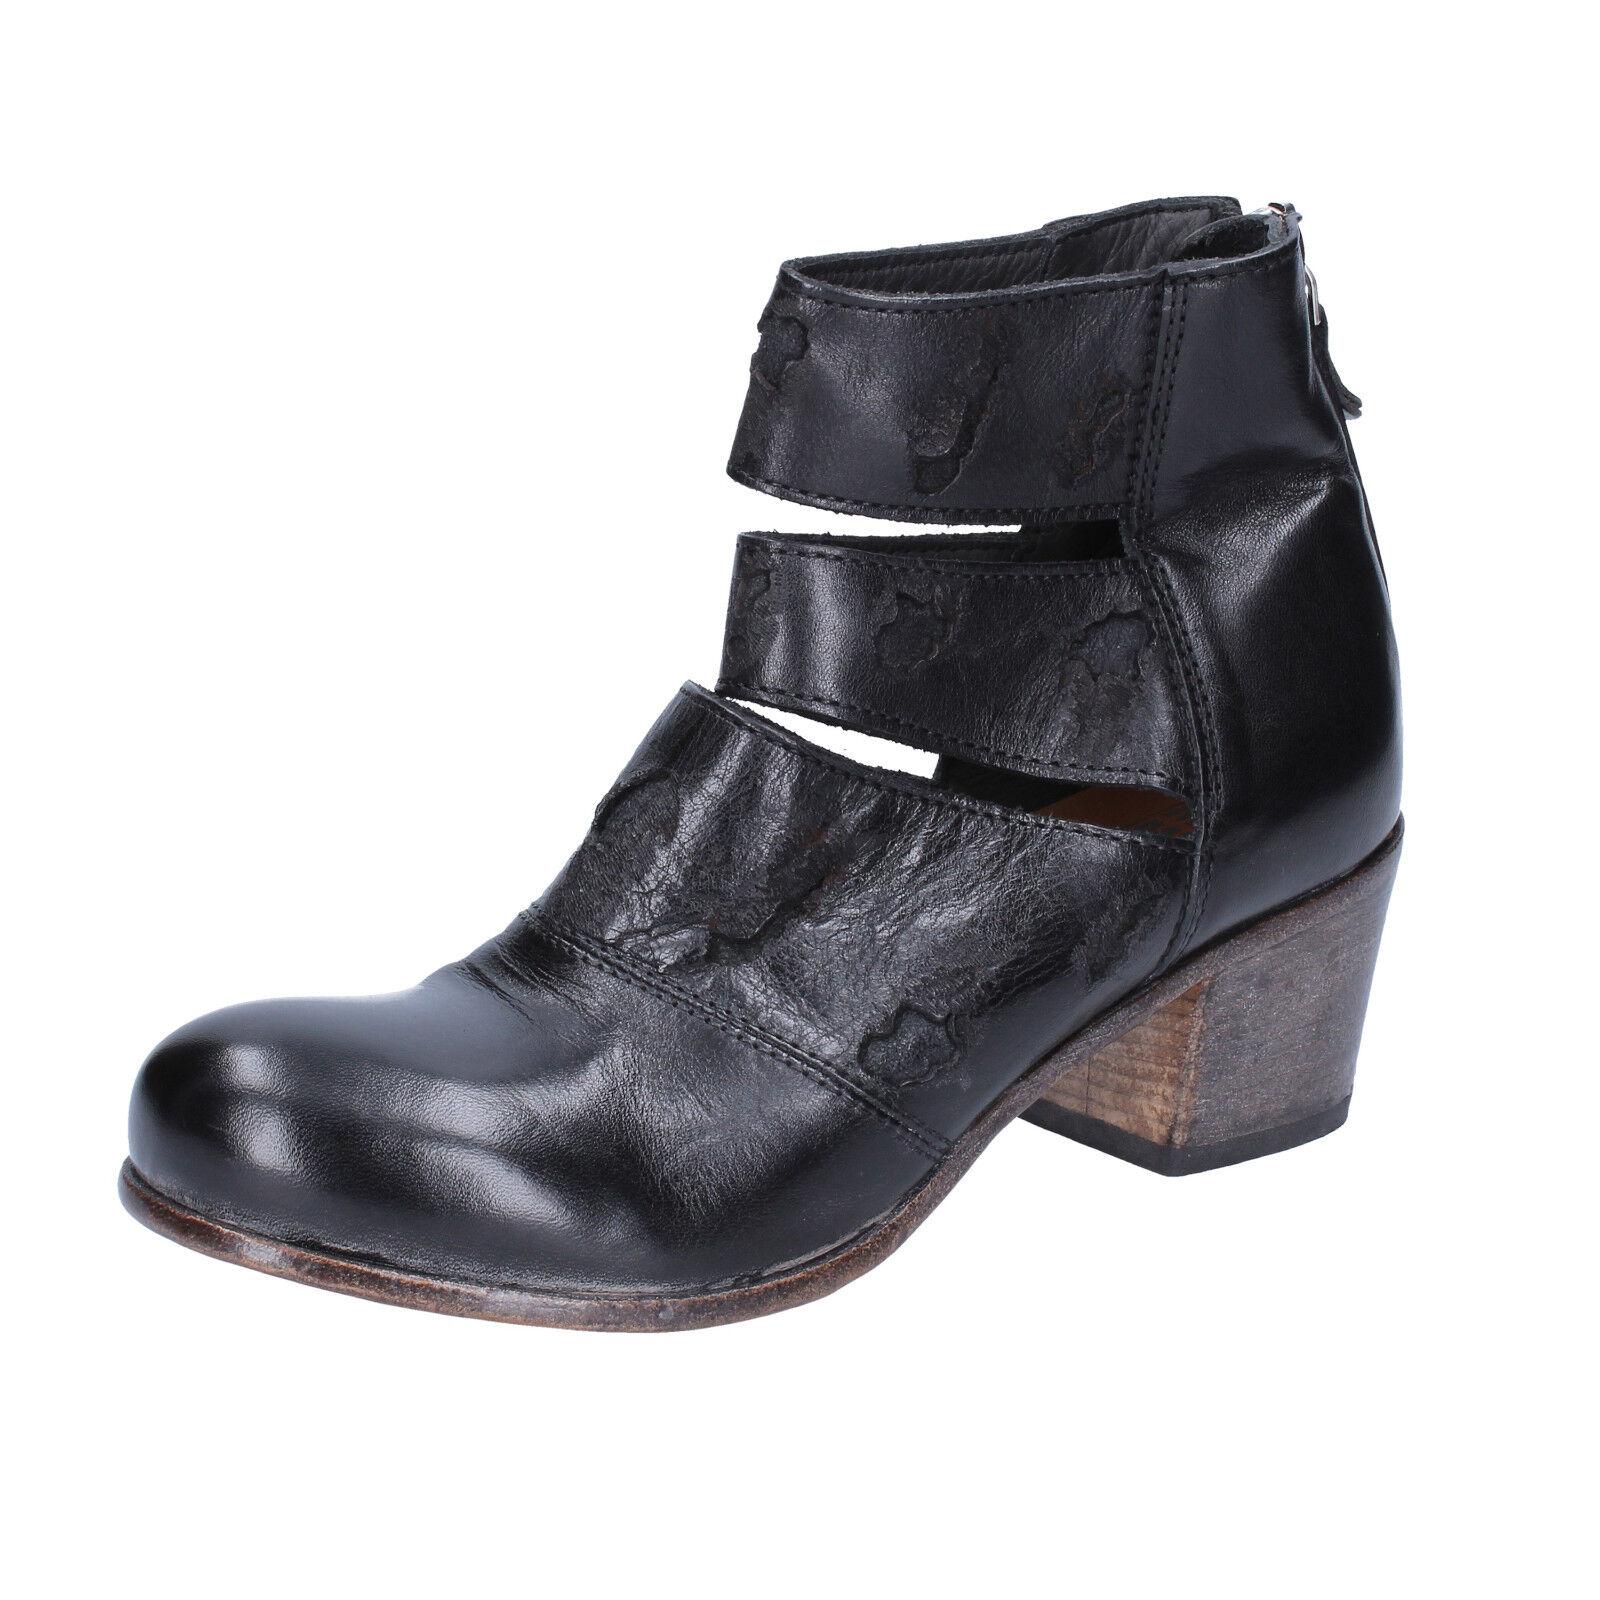 Scarpe tronchetti donna MOMA 37 EU tronchetti Scarpe nero pelle BX986-37 f2900b